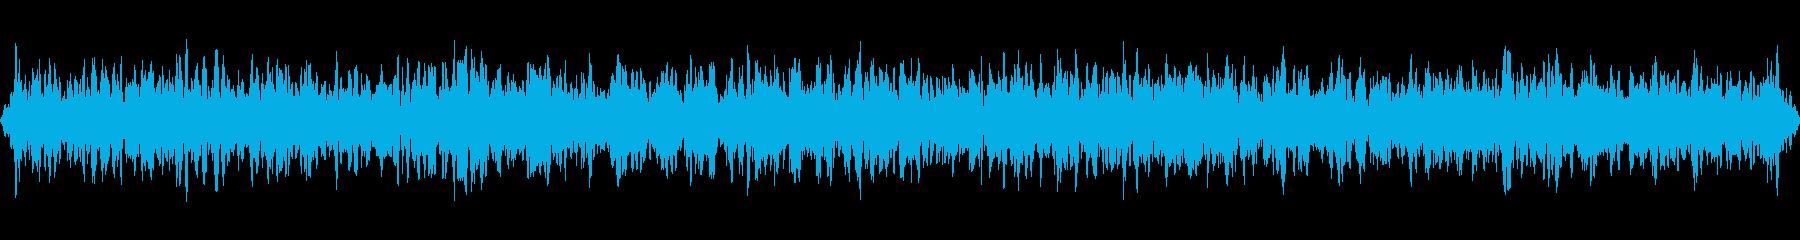 ハウスオイルヒーターバーナーハムの再生済みの波形